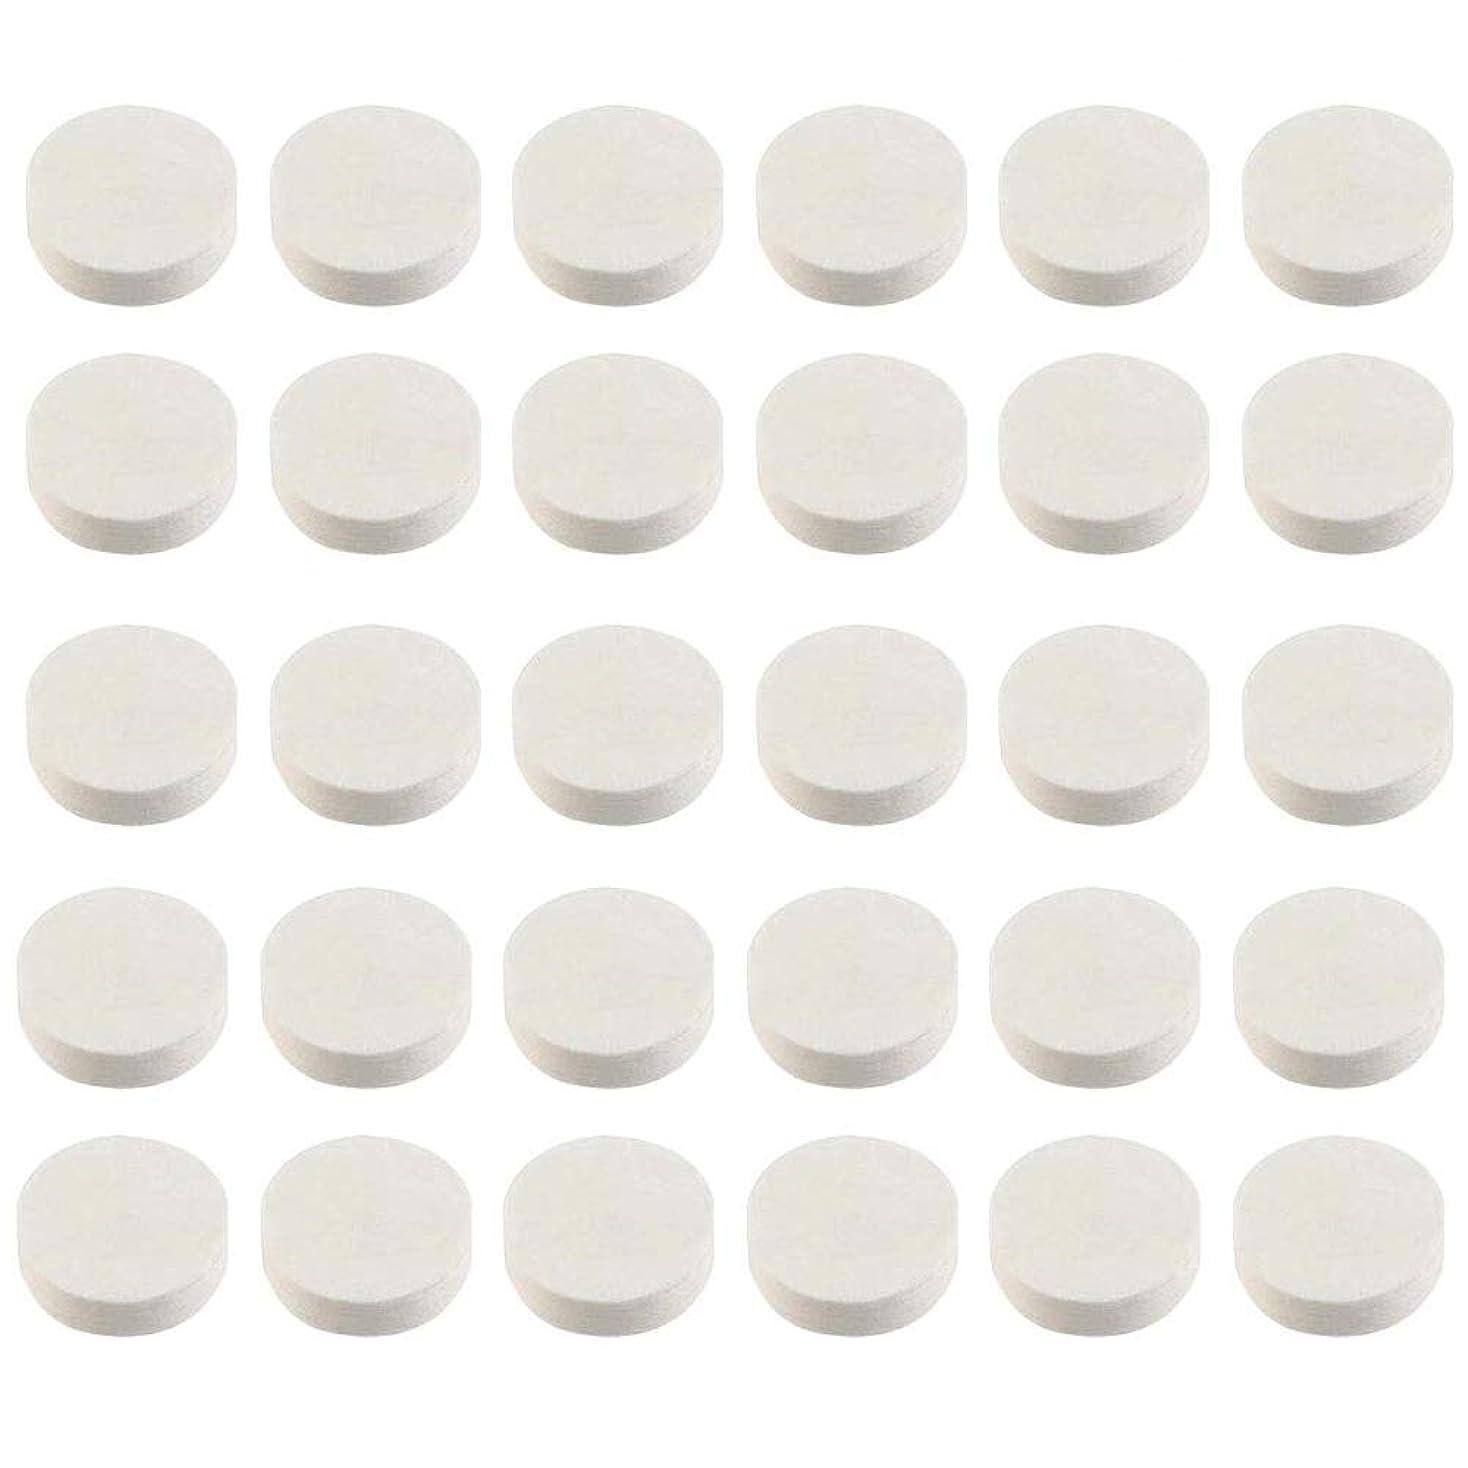 ゴミセミナー続ける30枚入り携帯便利使い捨て圧縮マスク圧縮フェイスパック圧縮マスクシートスキンケア